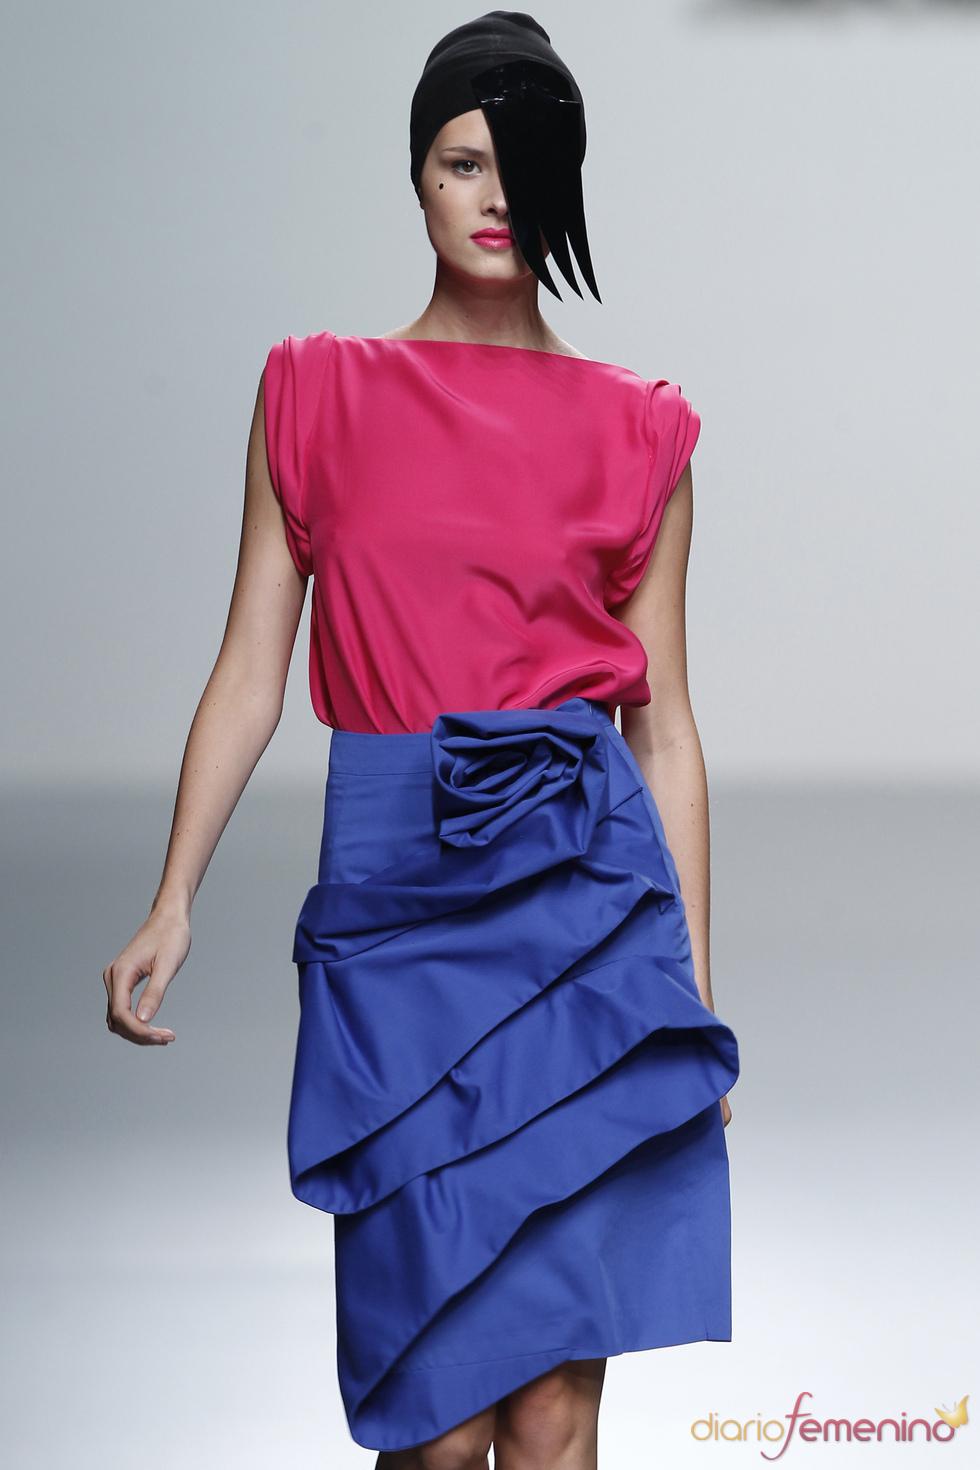 Blusas de corte sencillo para acompañar las prendas más laboriosas de María Barros